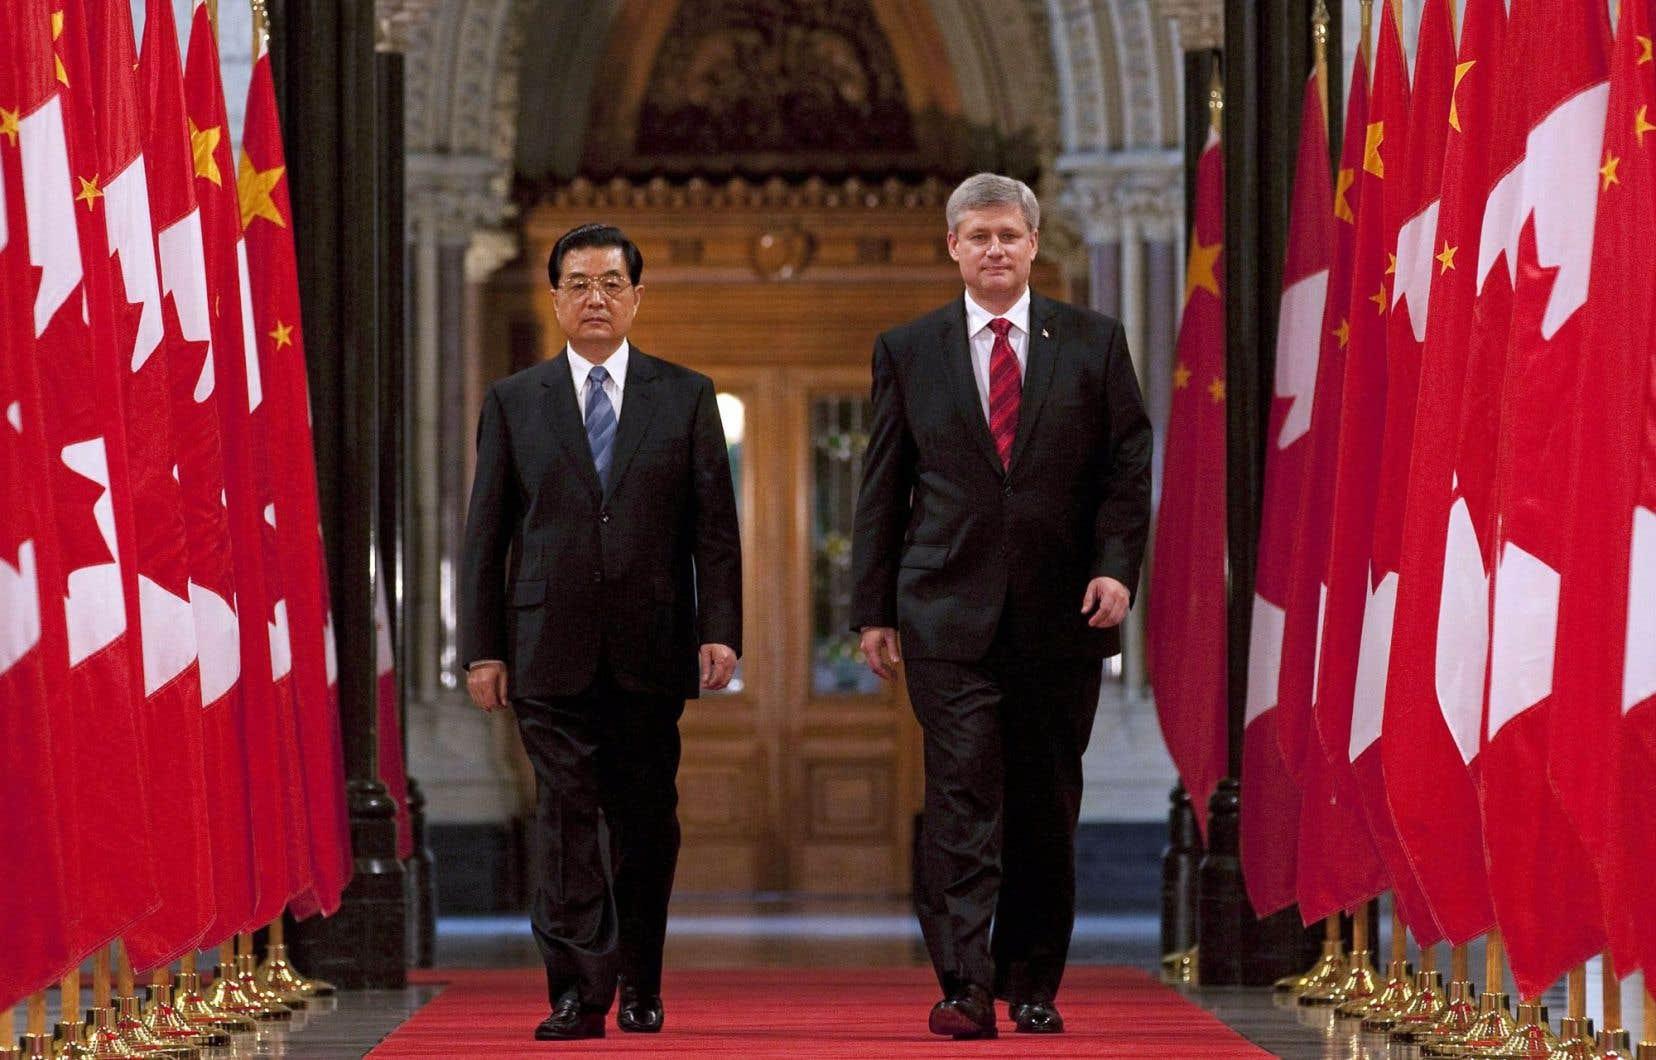 24juin 2010. Le premier ministre canadien d'alors, Stephen Harper, accueille dans le hall d'honneur du parlement le président chinois, Hu Jintao.